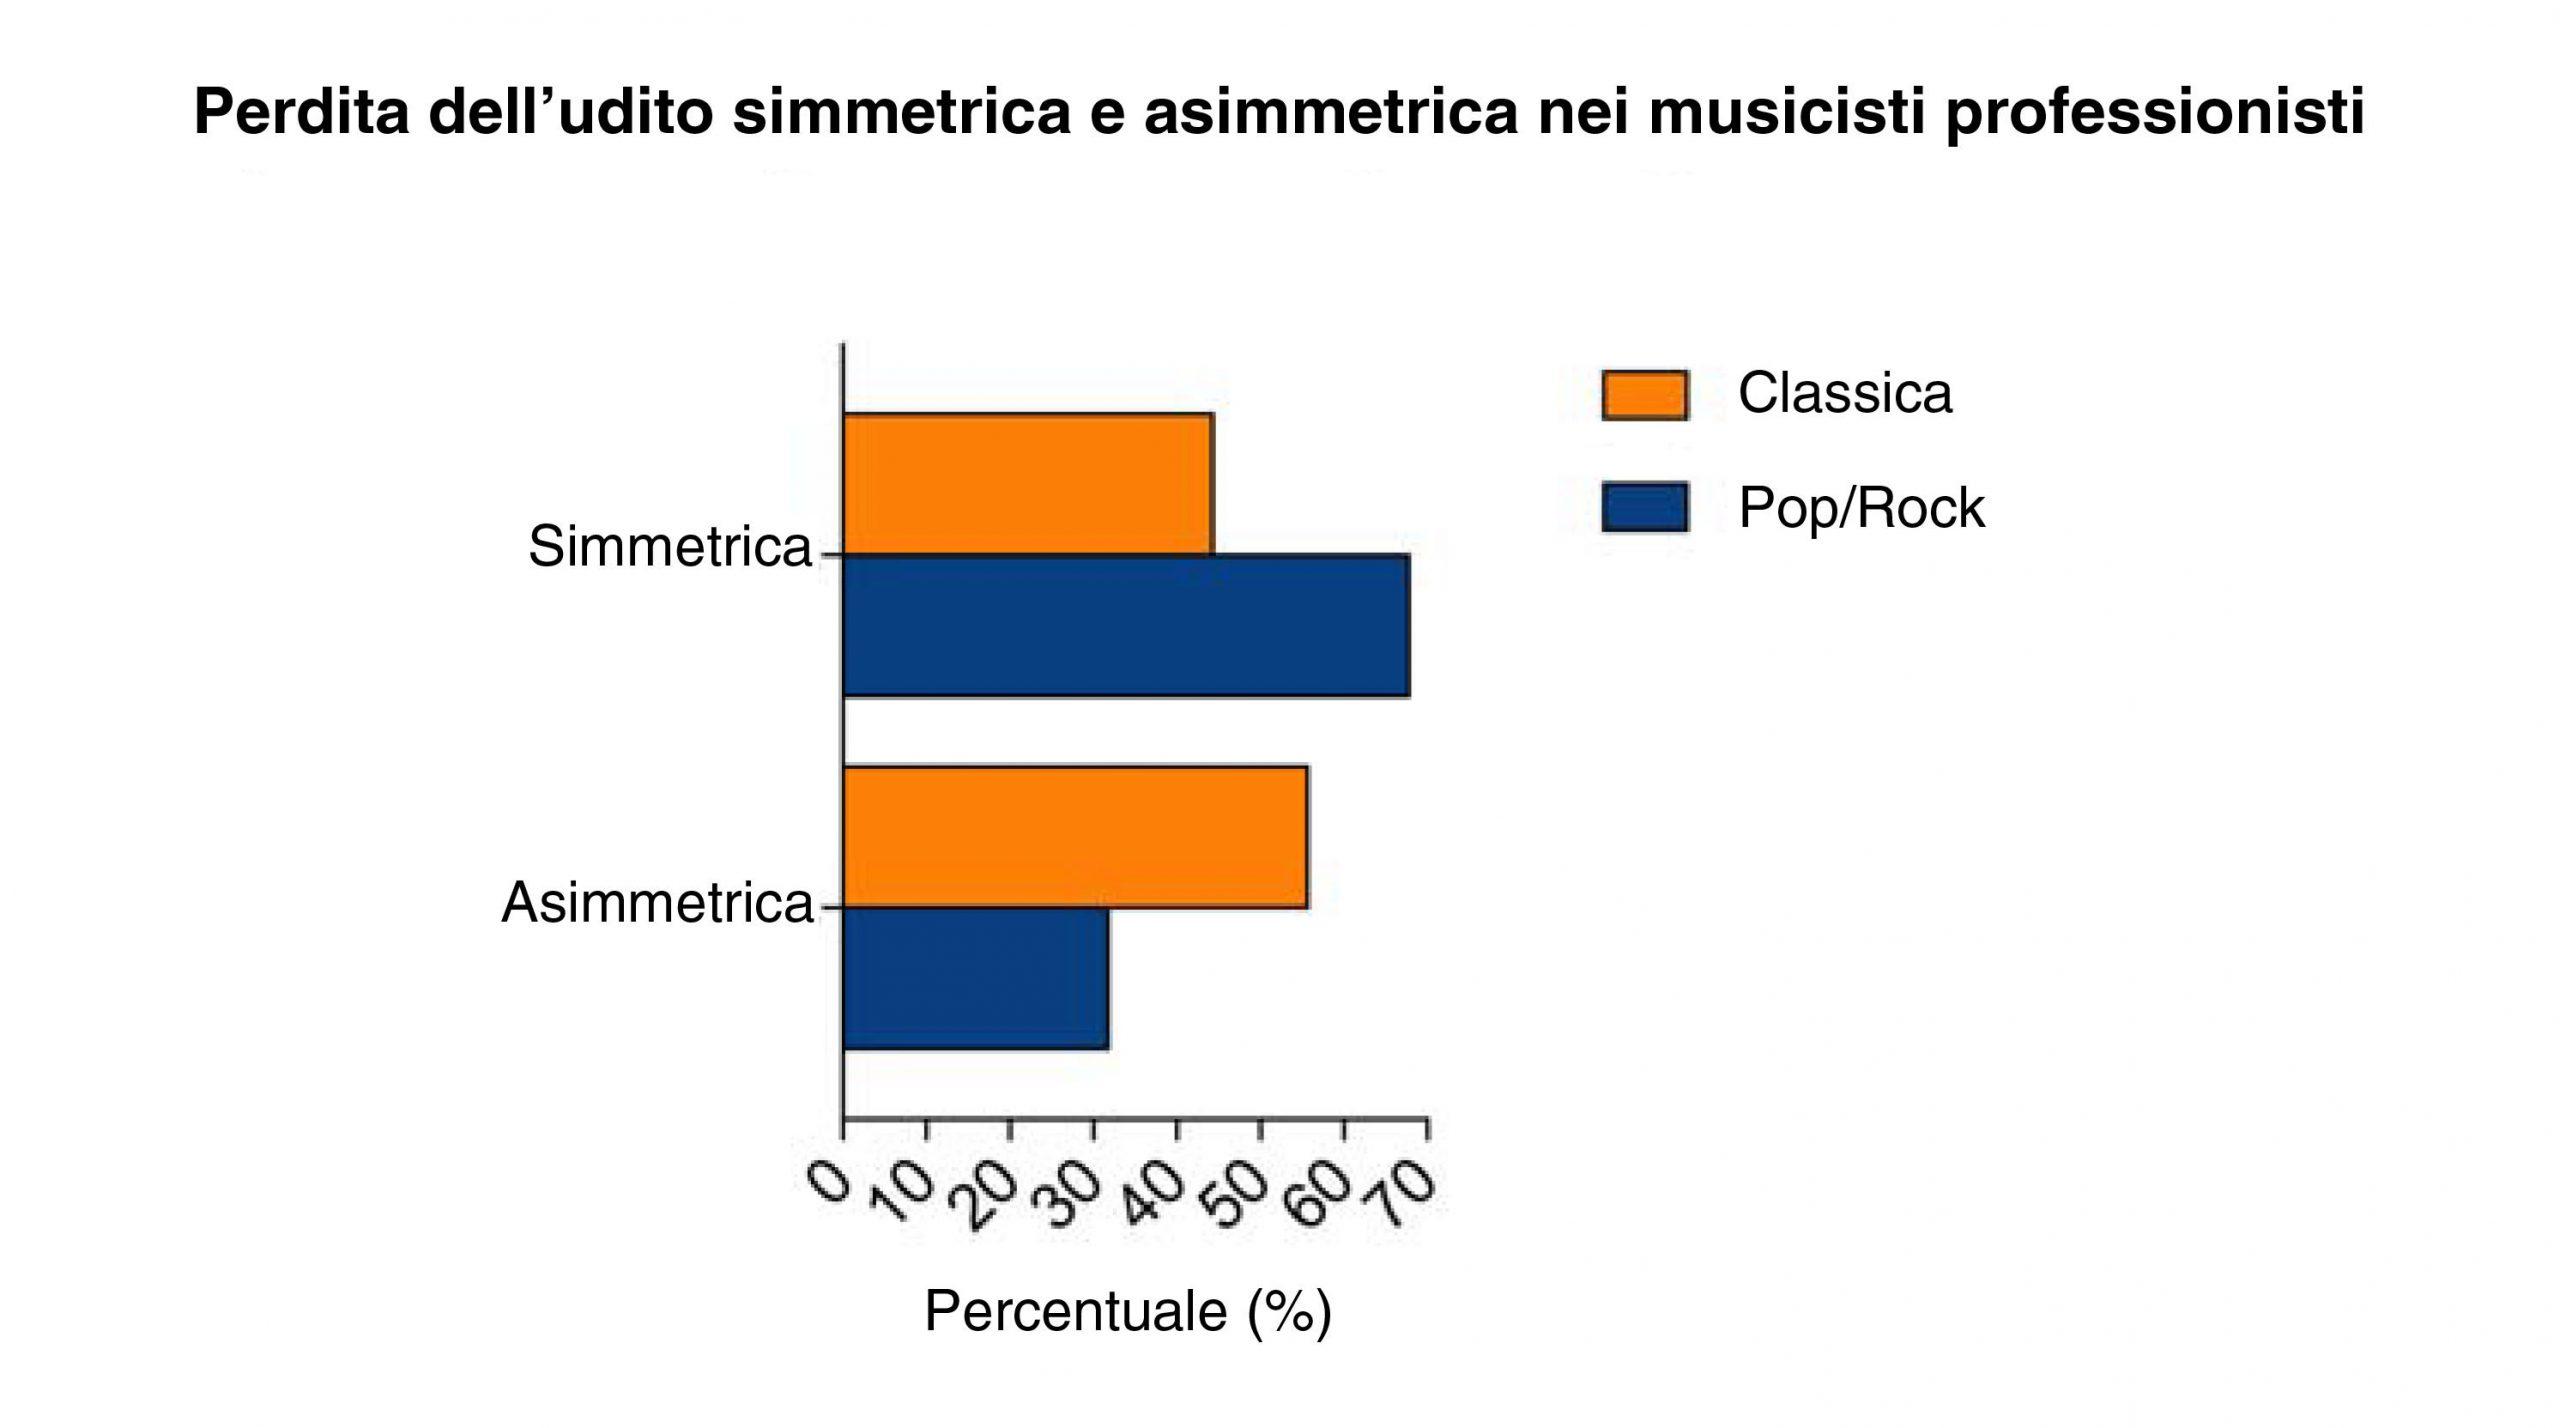 musicisti-perdita-udito-asimmetrica-new